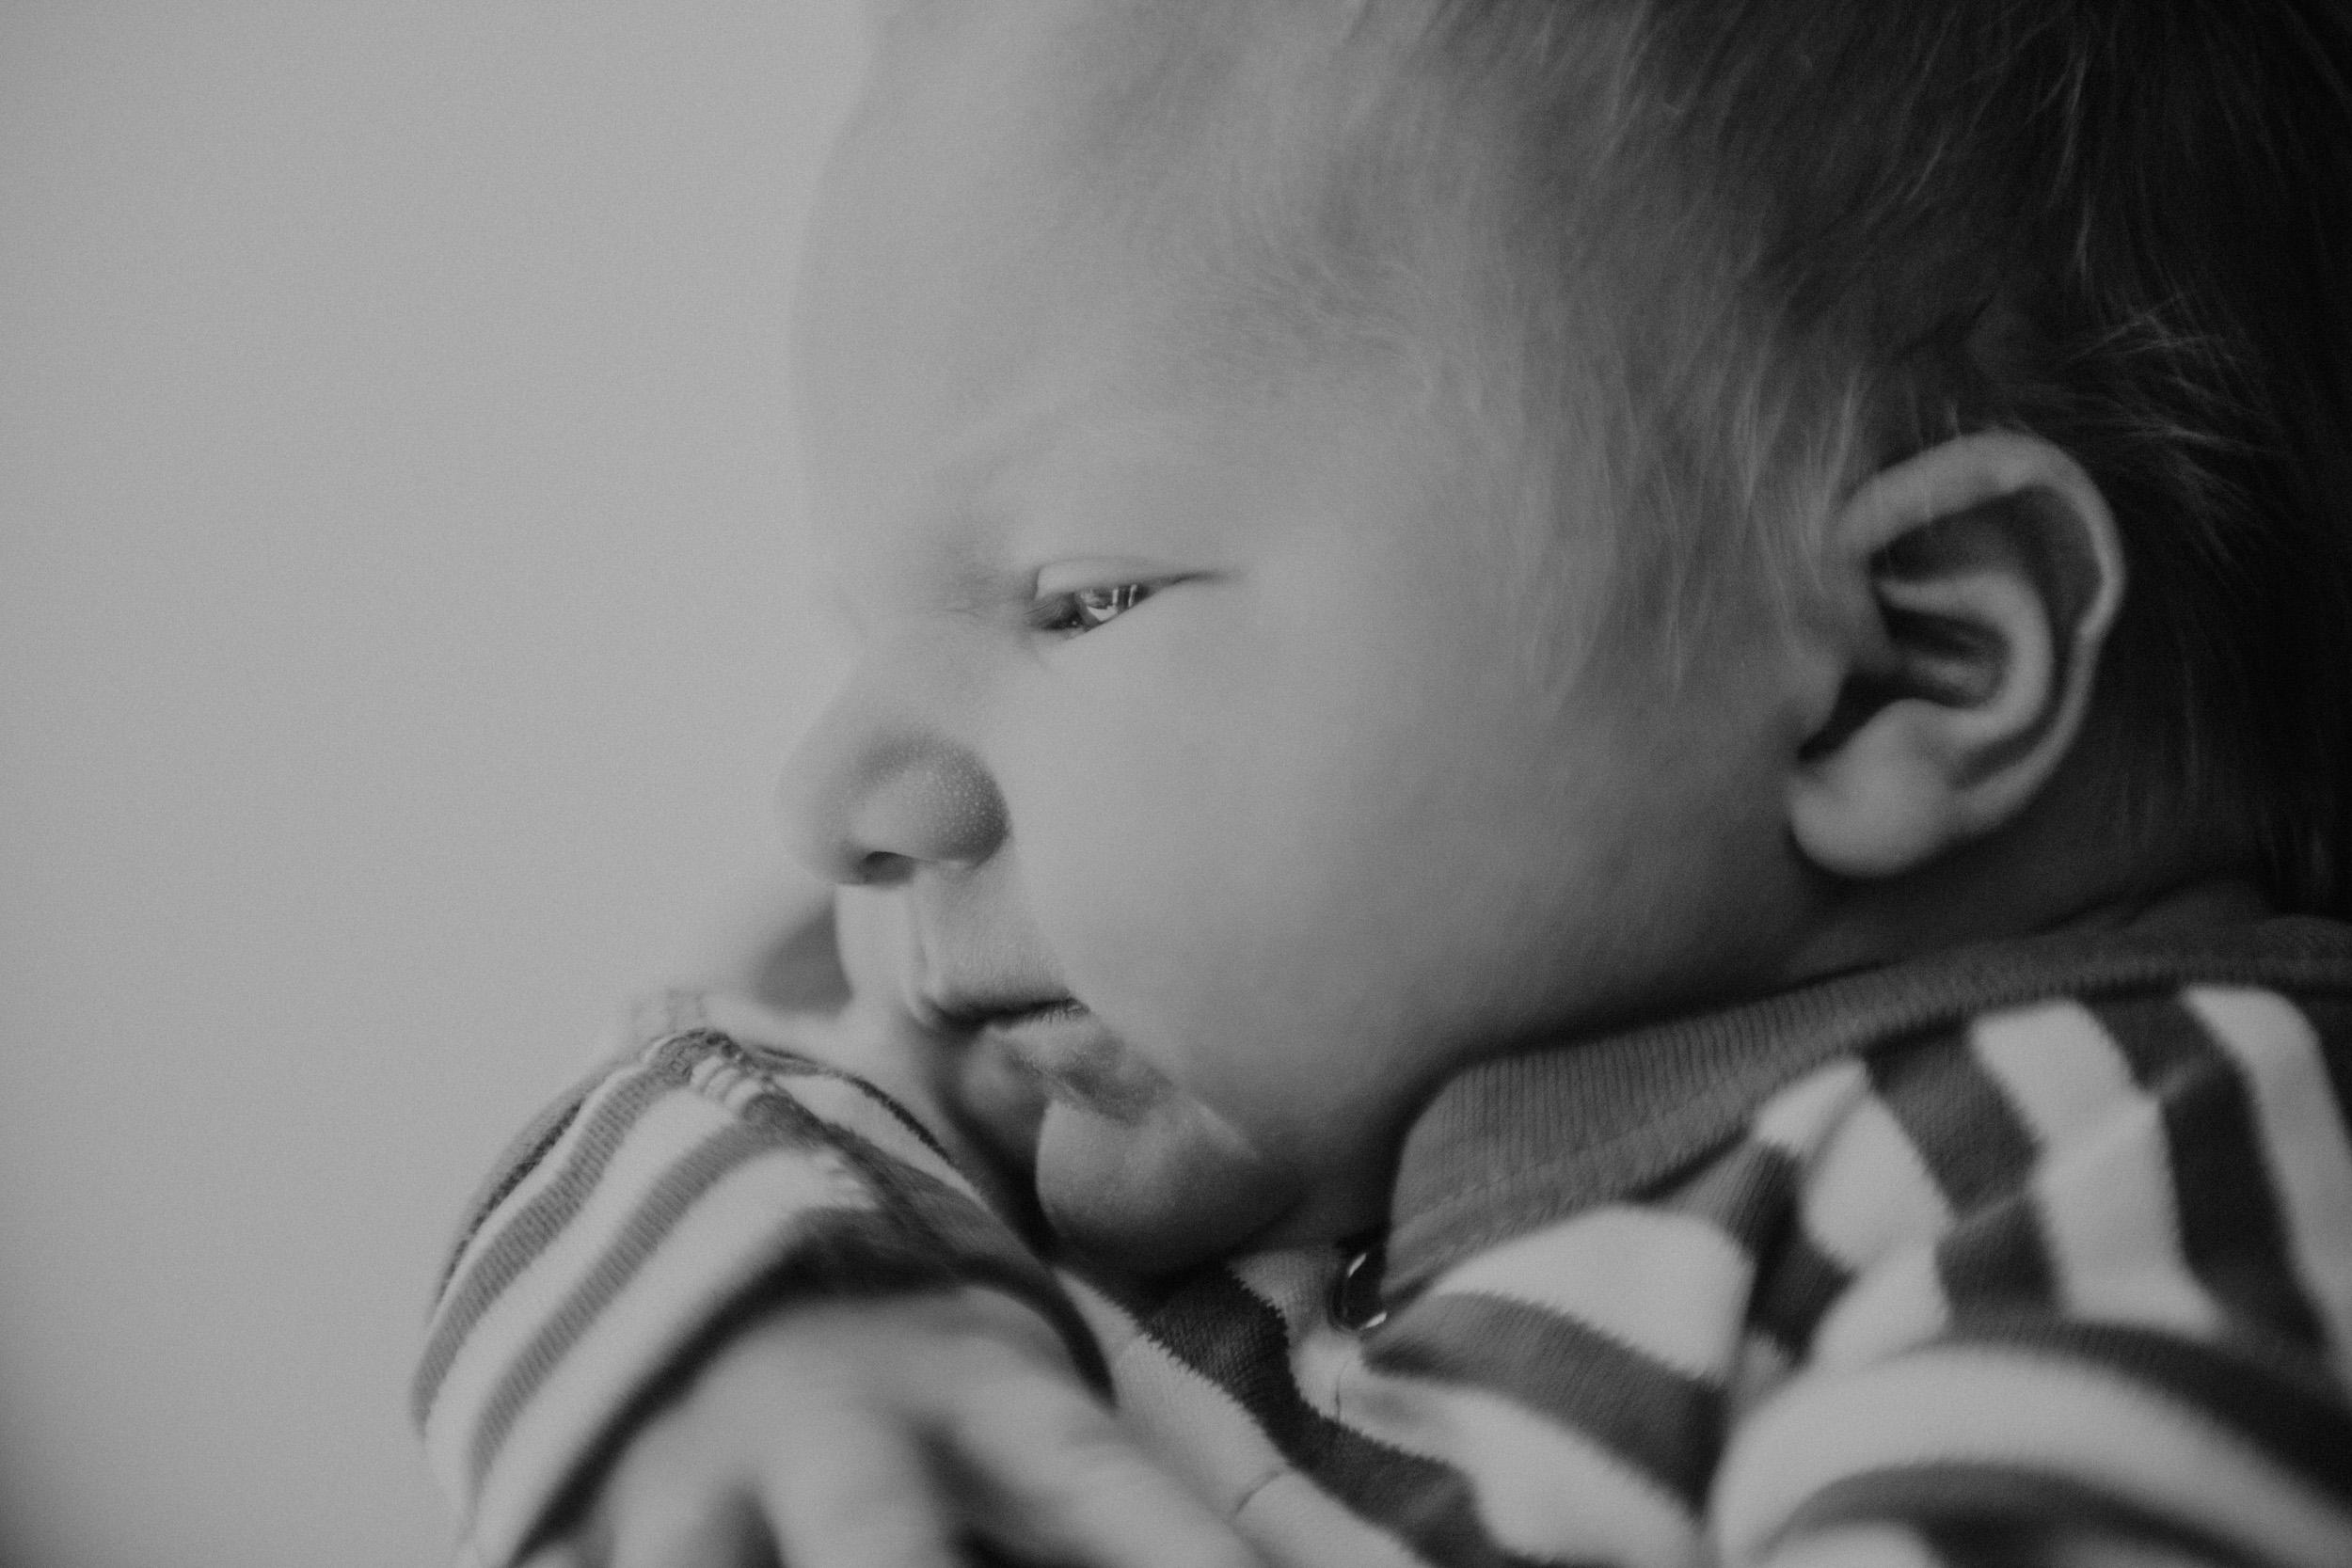 newborn boy in striped onesie being held by mom